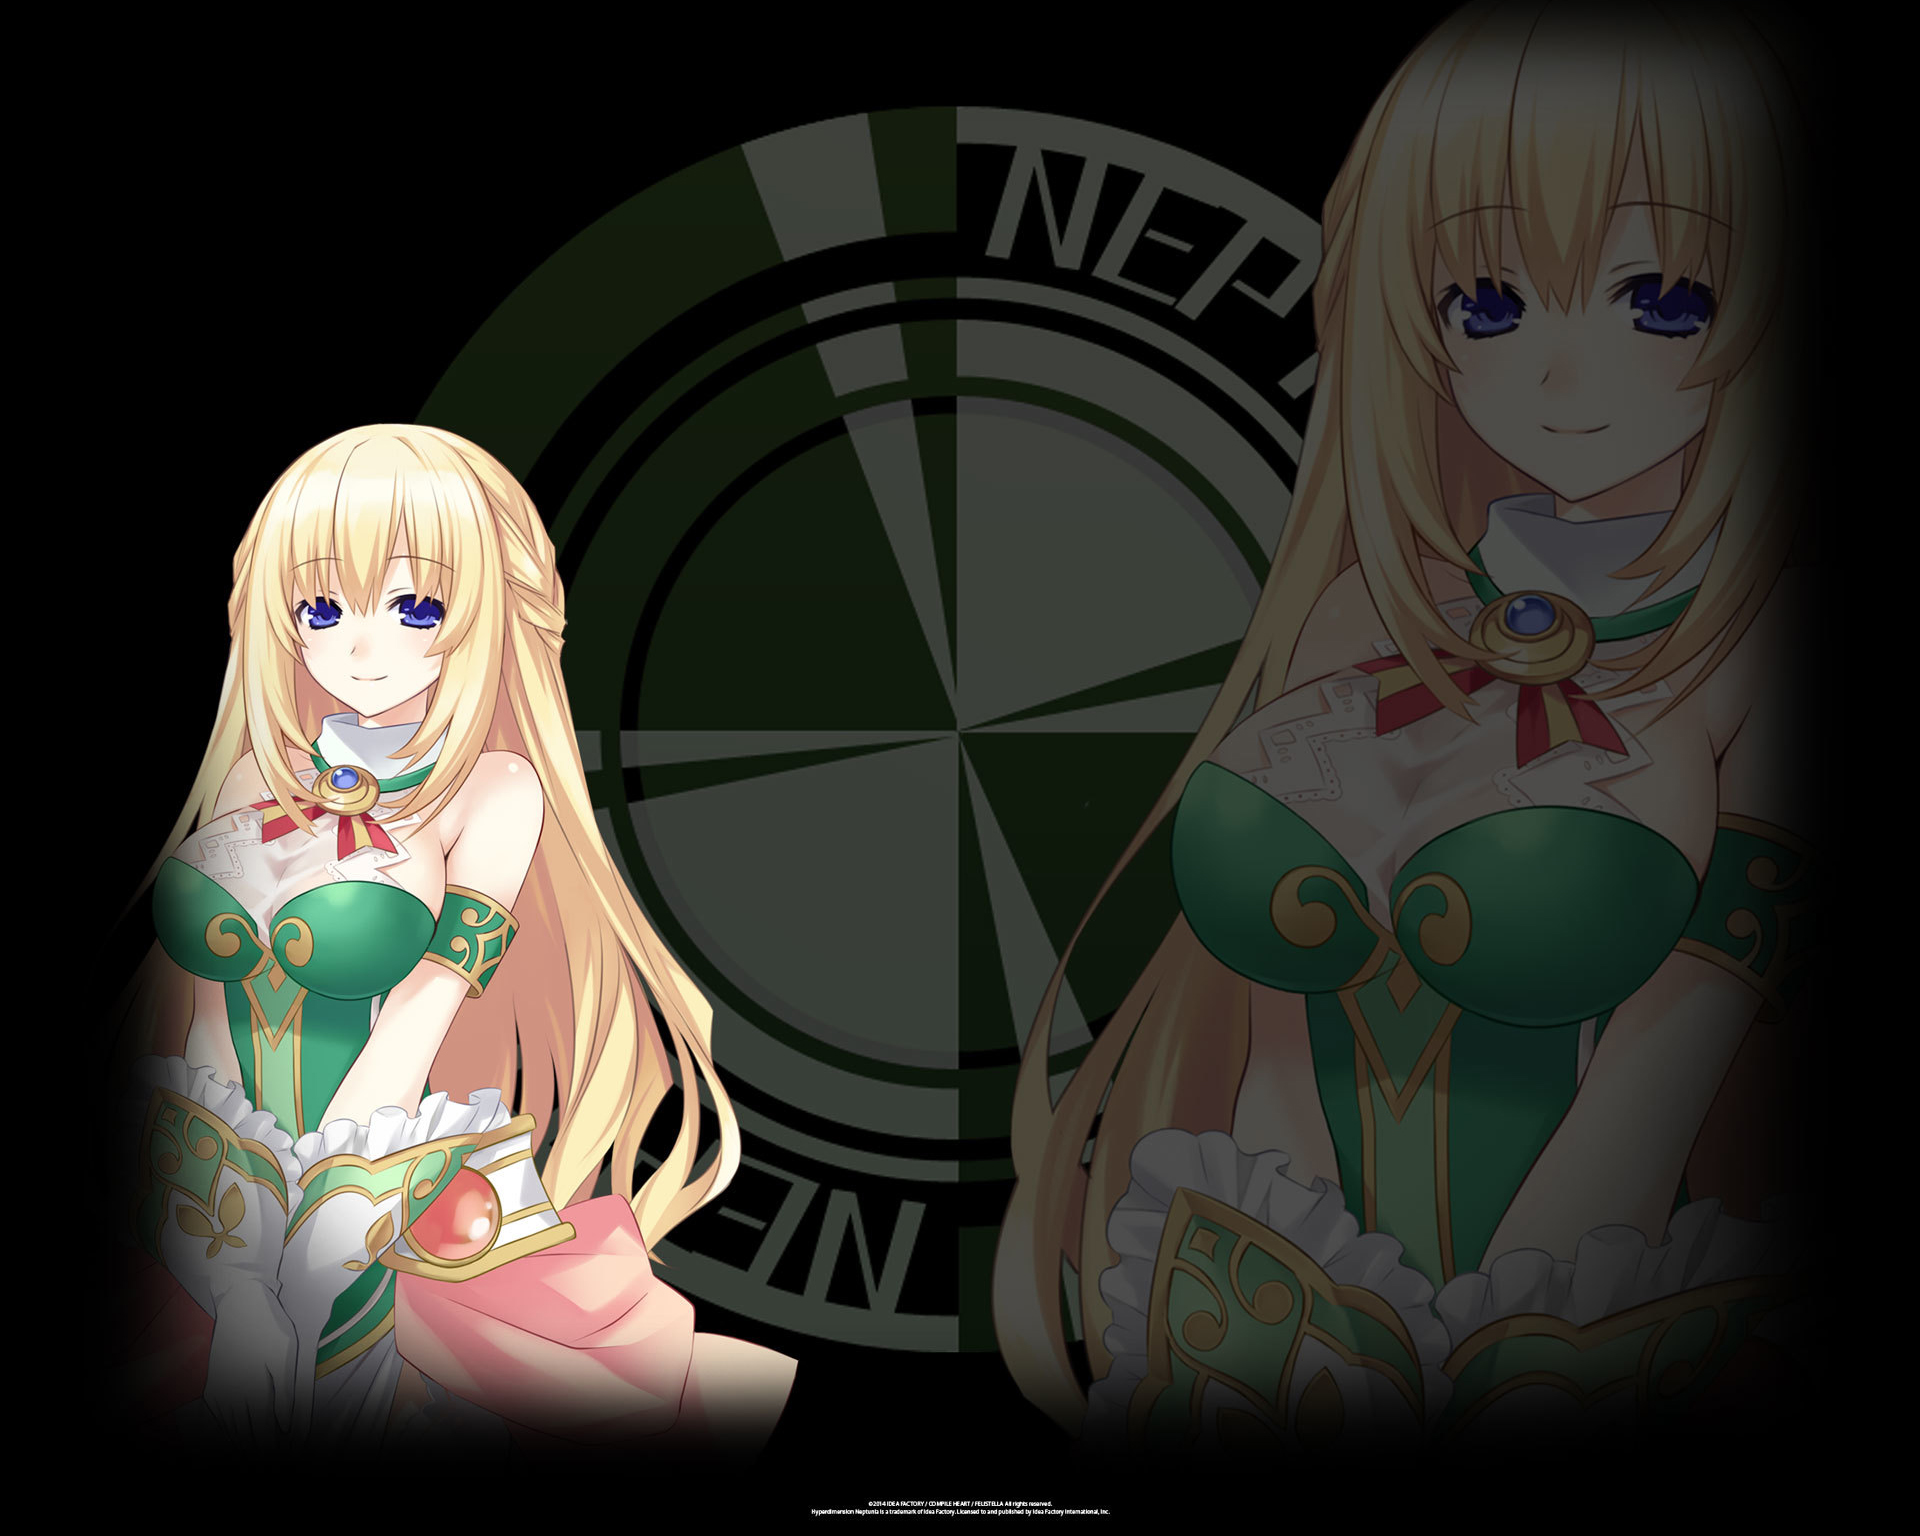 Hyperdimension Neptunia ReBirth 1 Wallpaper 004 Vert